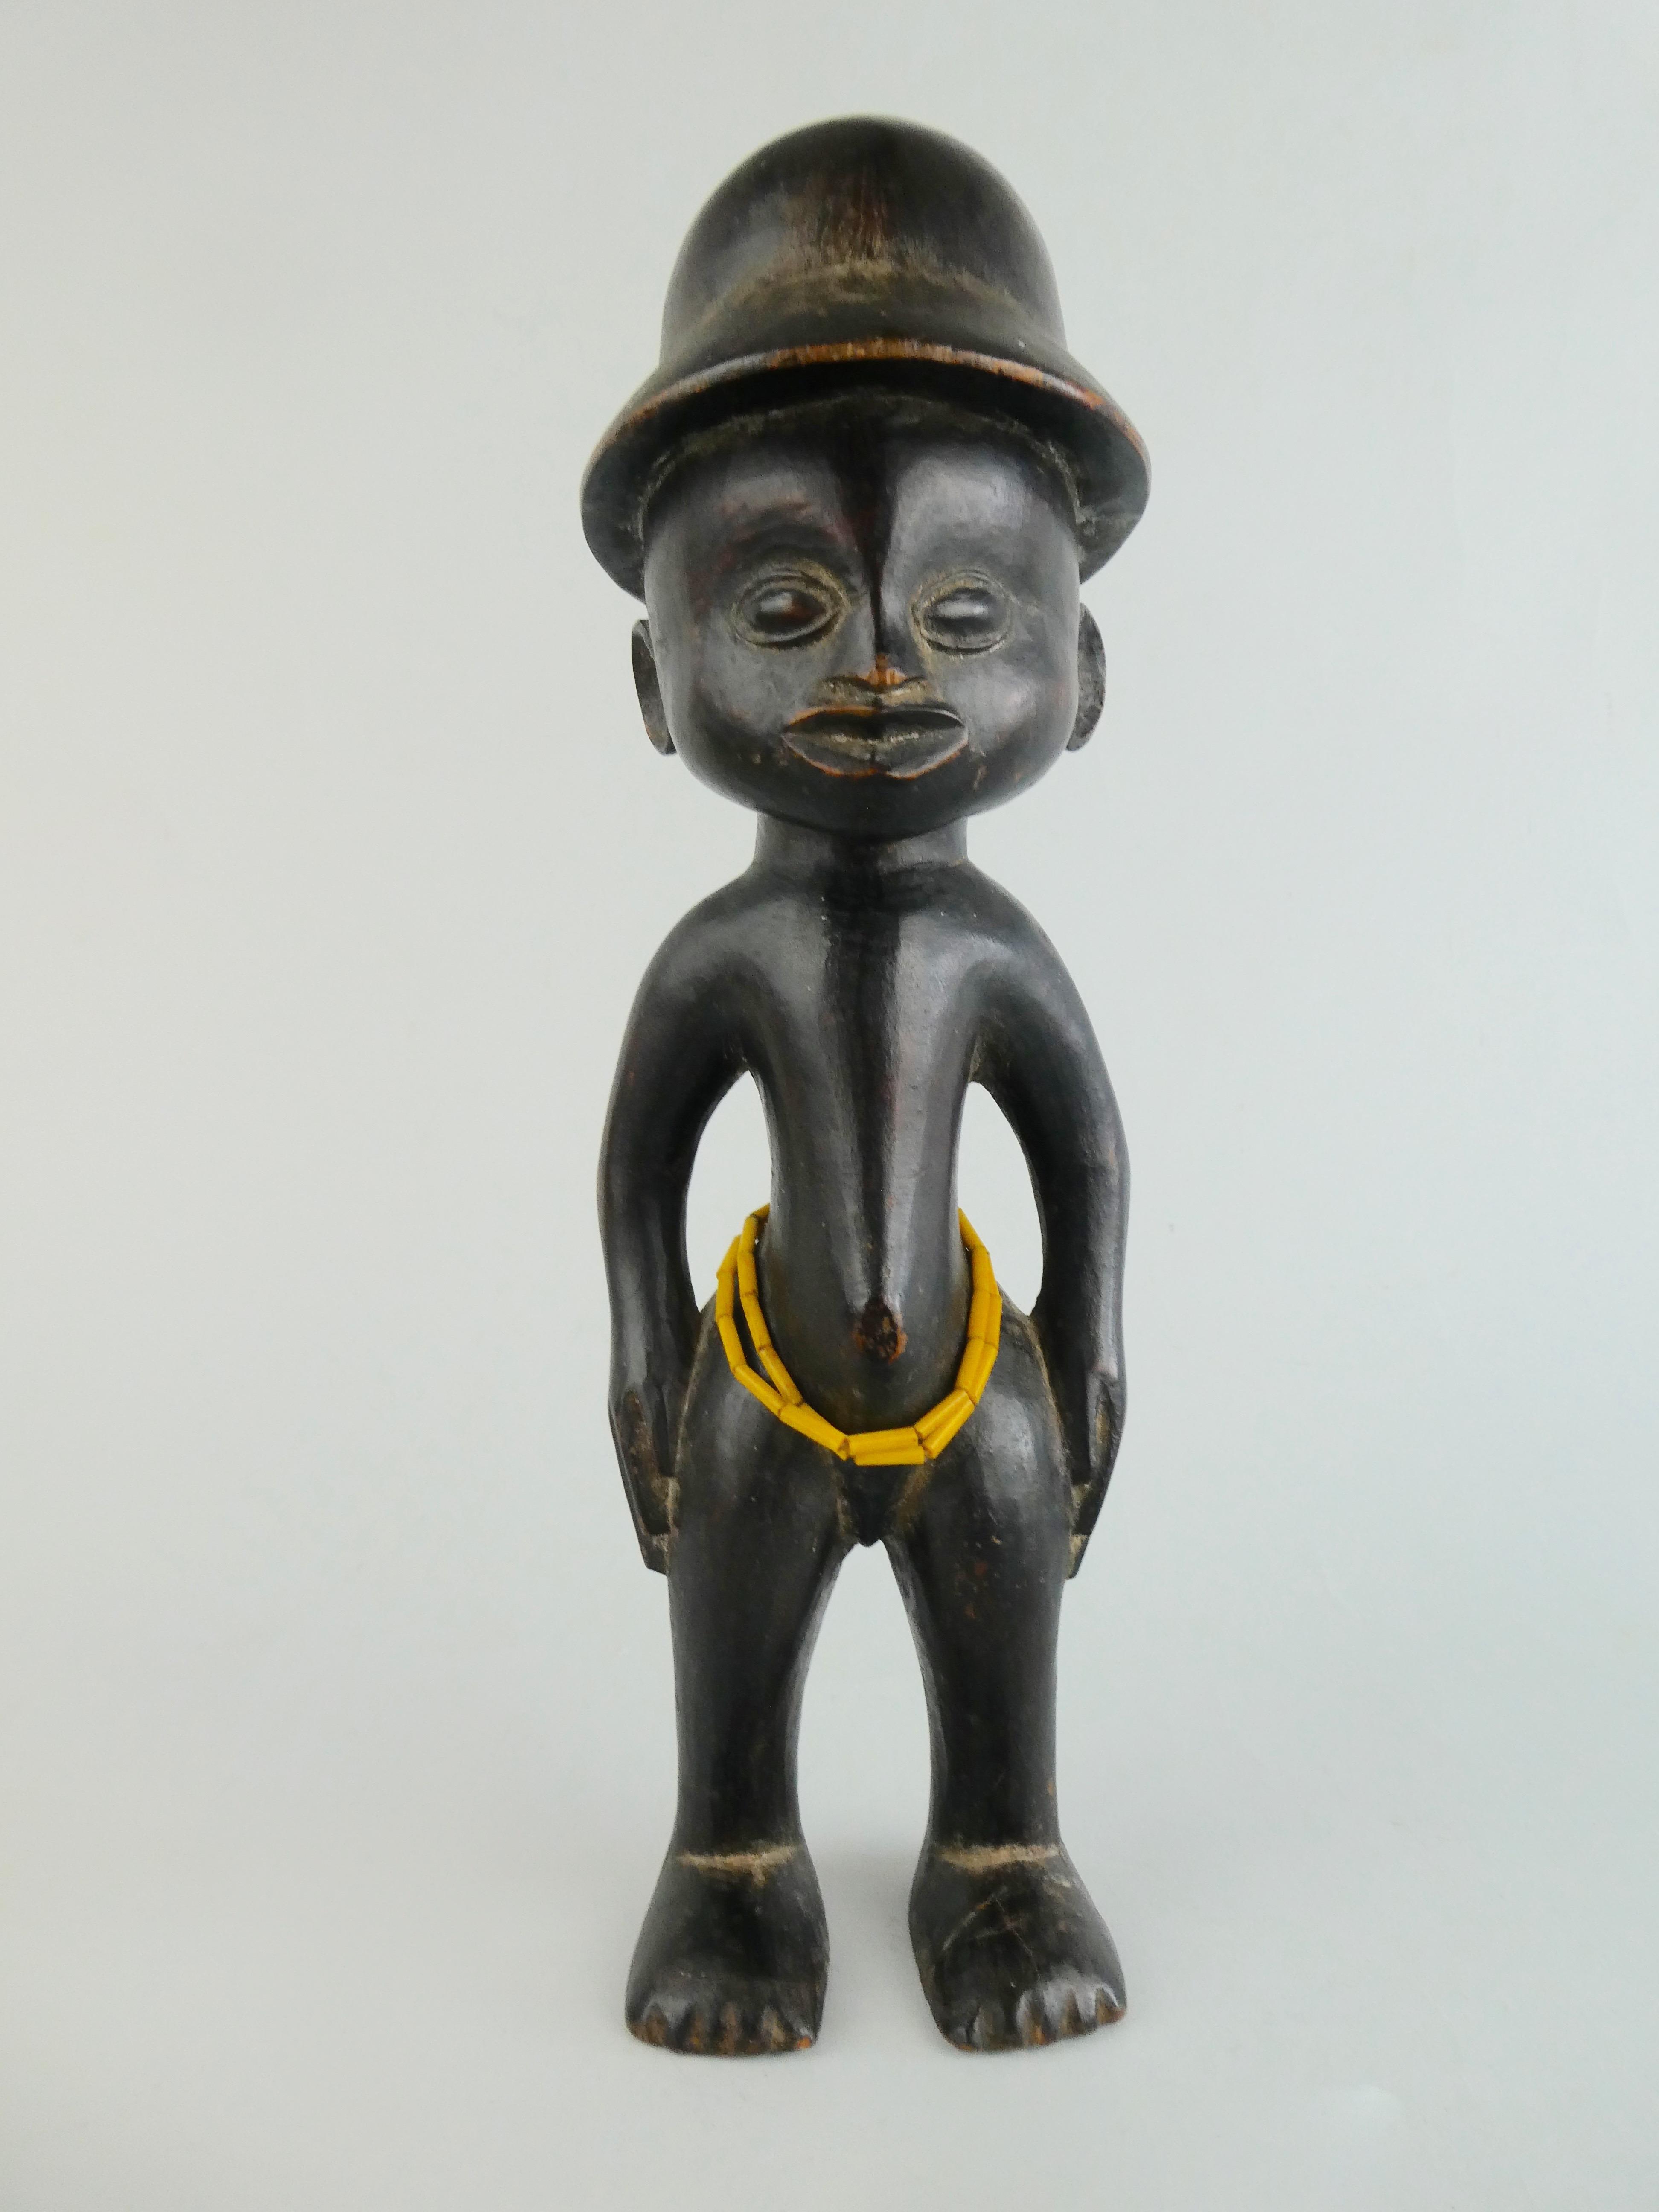 Senufo Colon Tugubele